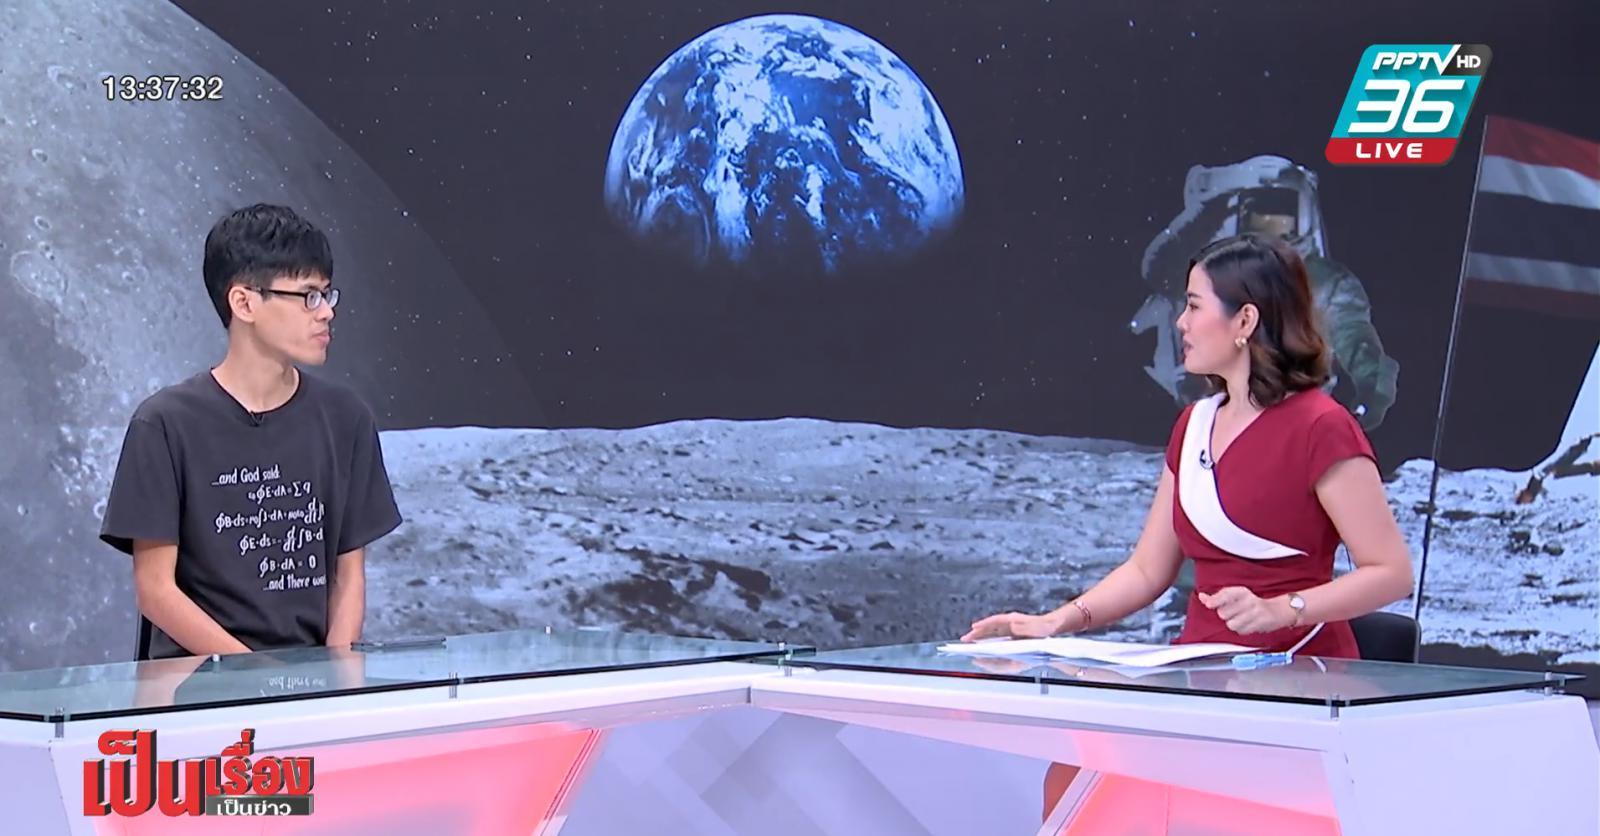 """บก. Spaceth.co ค้าน """"เอนก"""" ระดมทุนคนไทย ผลิตยานอวกาศไปดวงจันทร์"""